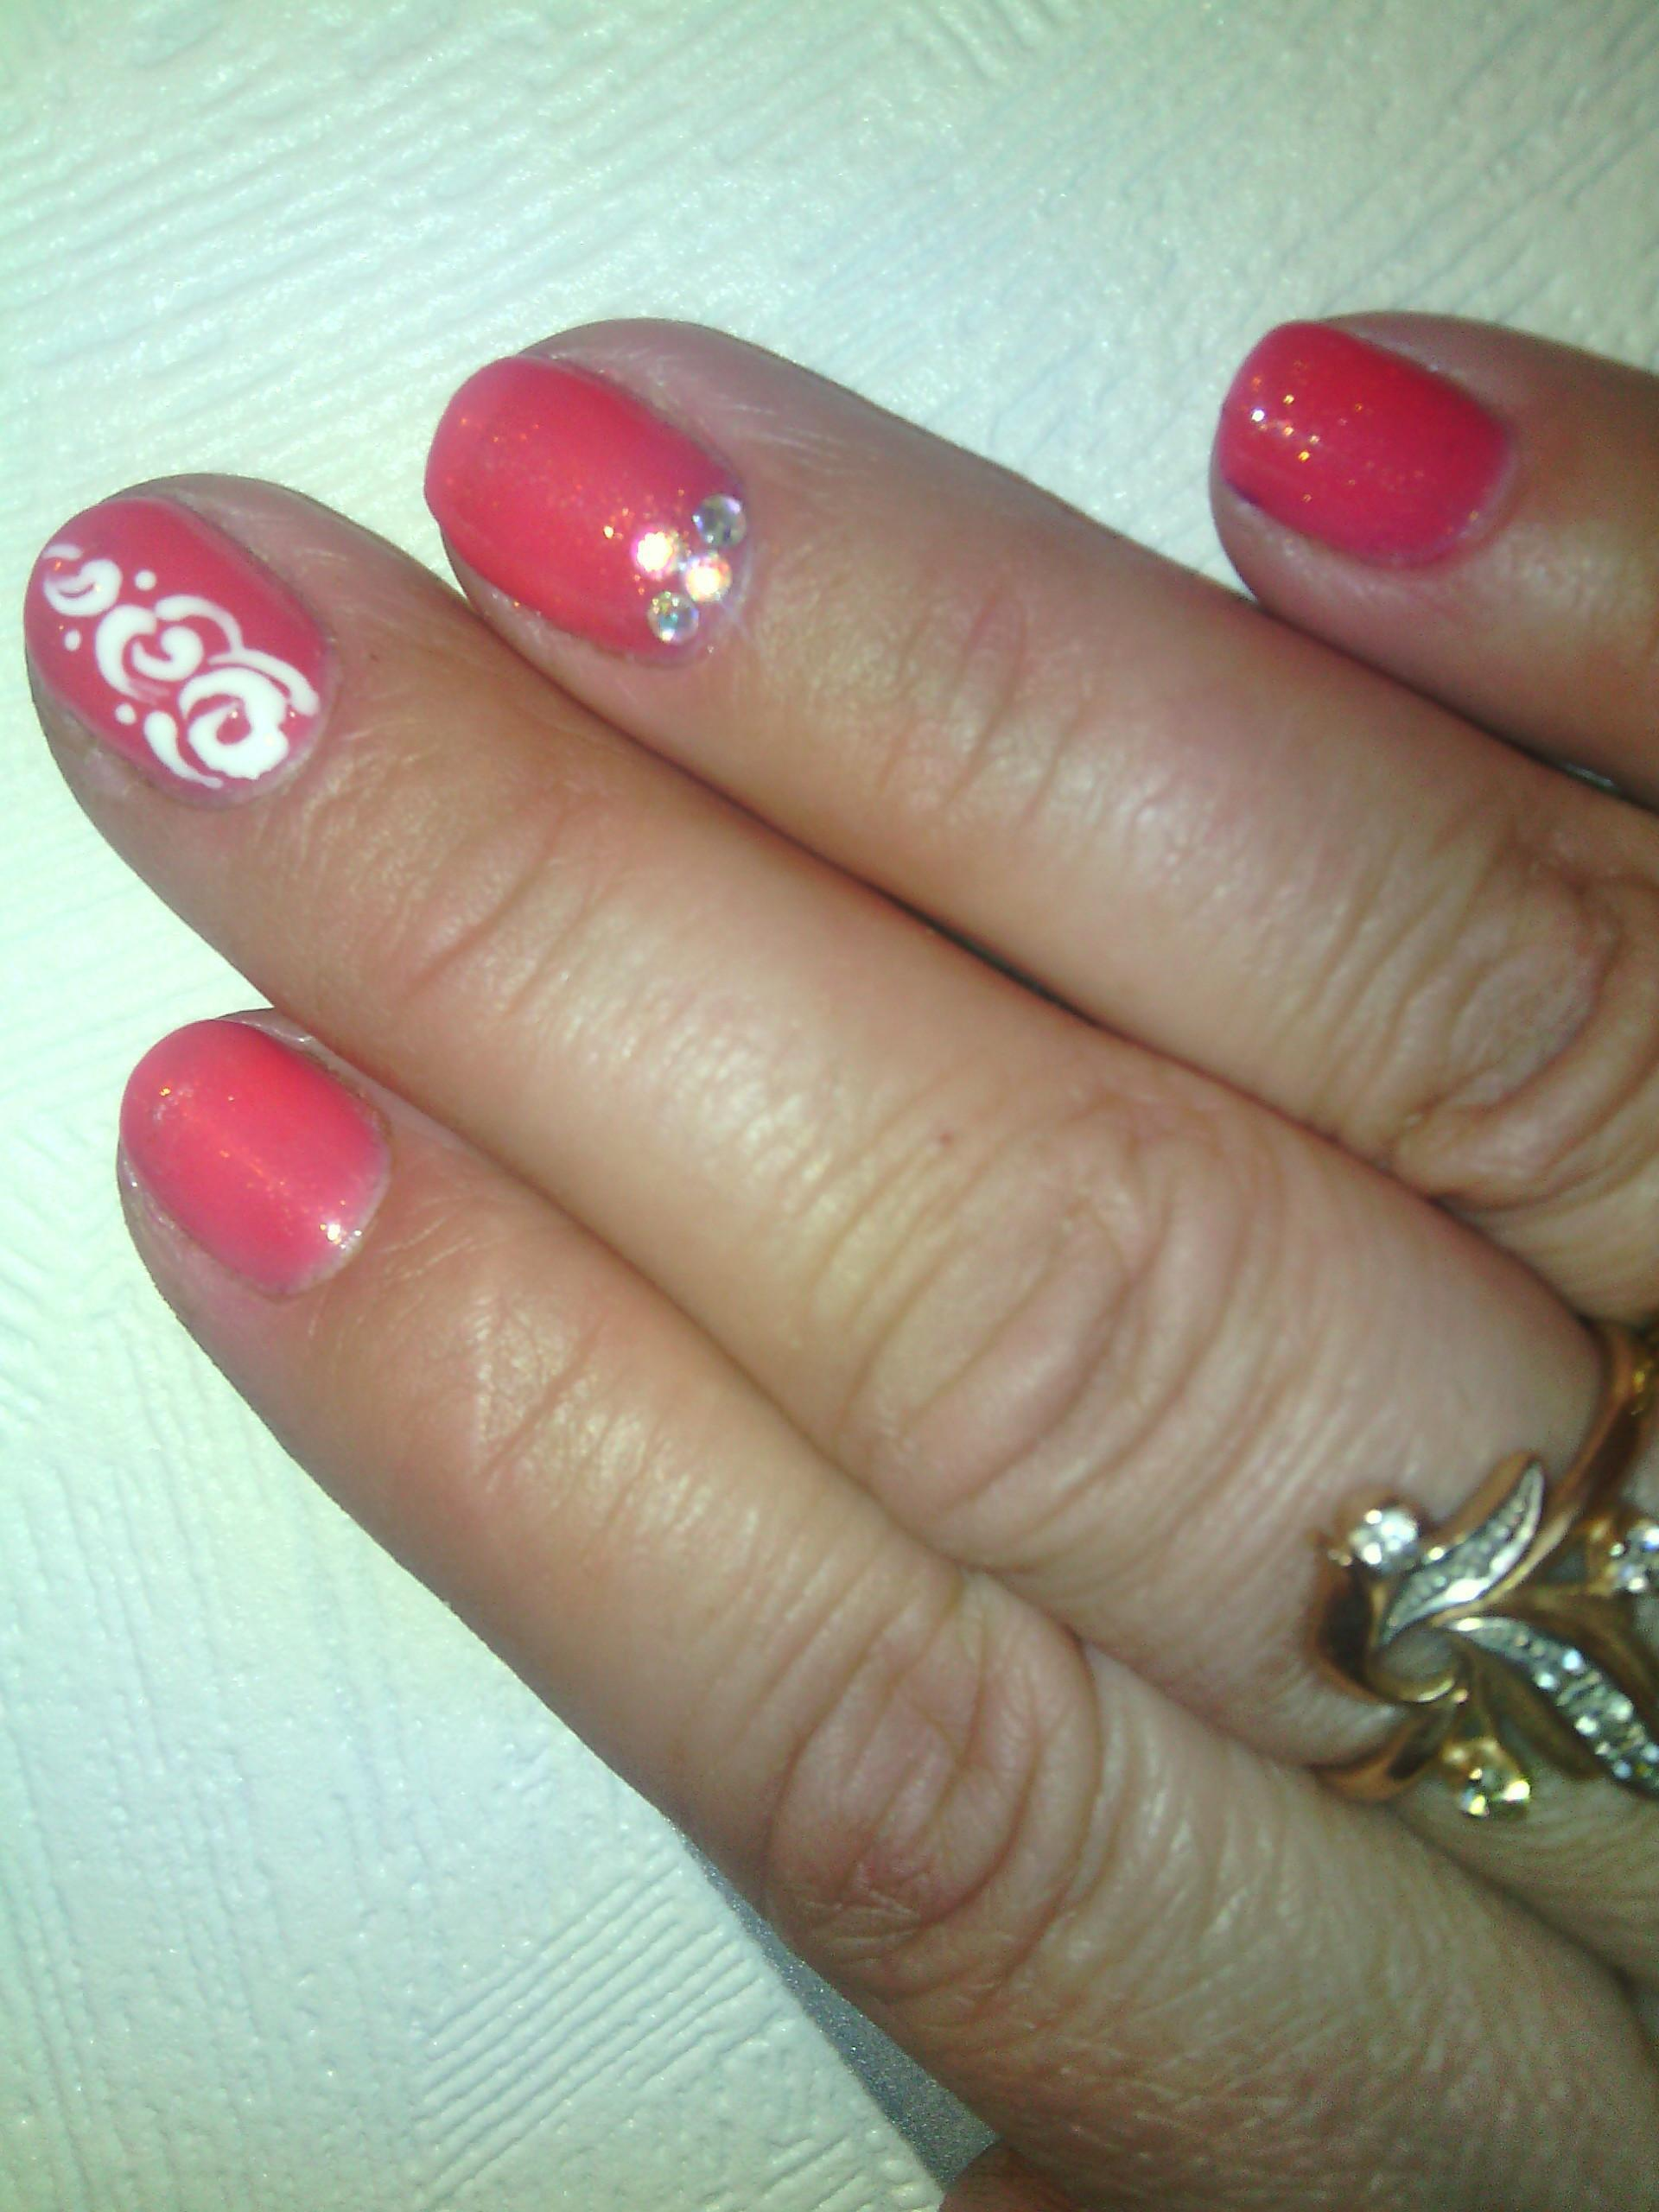 Узорчатый стемпинг на розовых ногтях